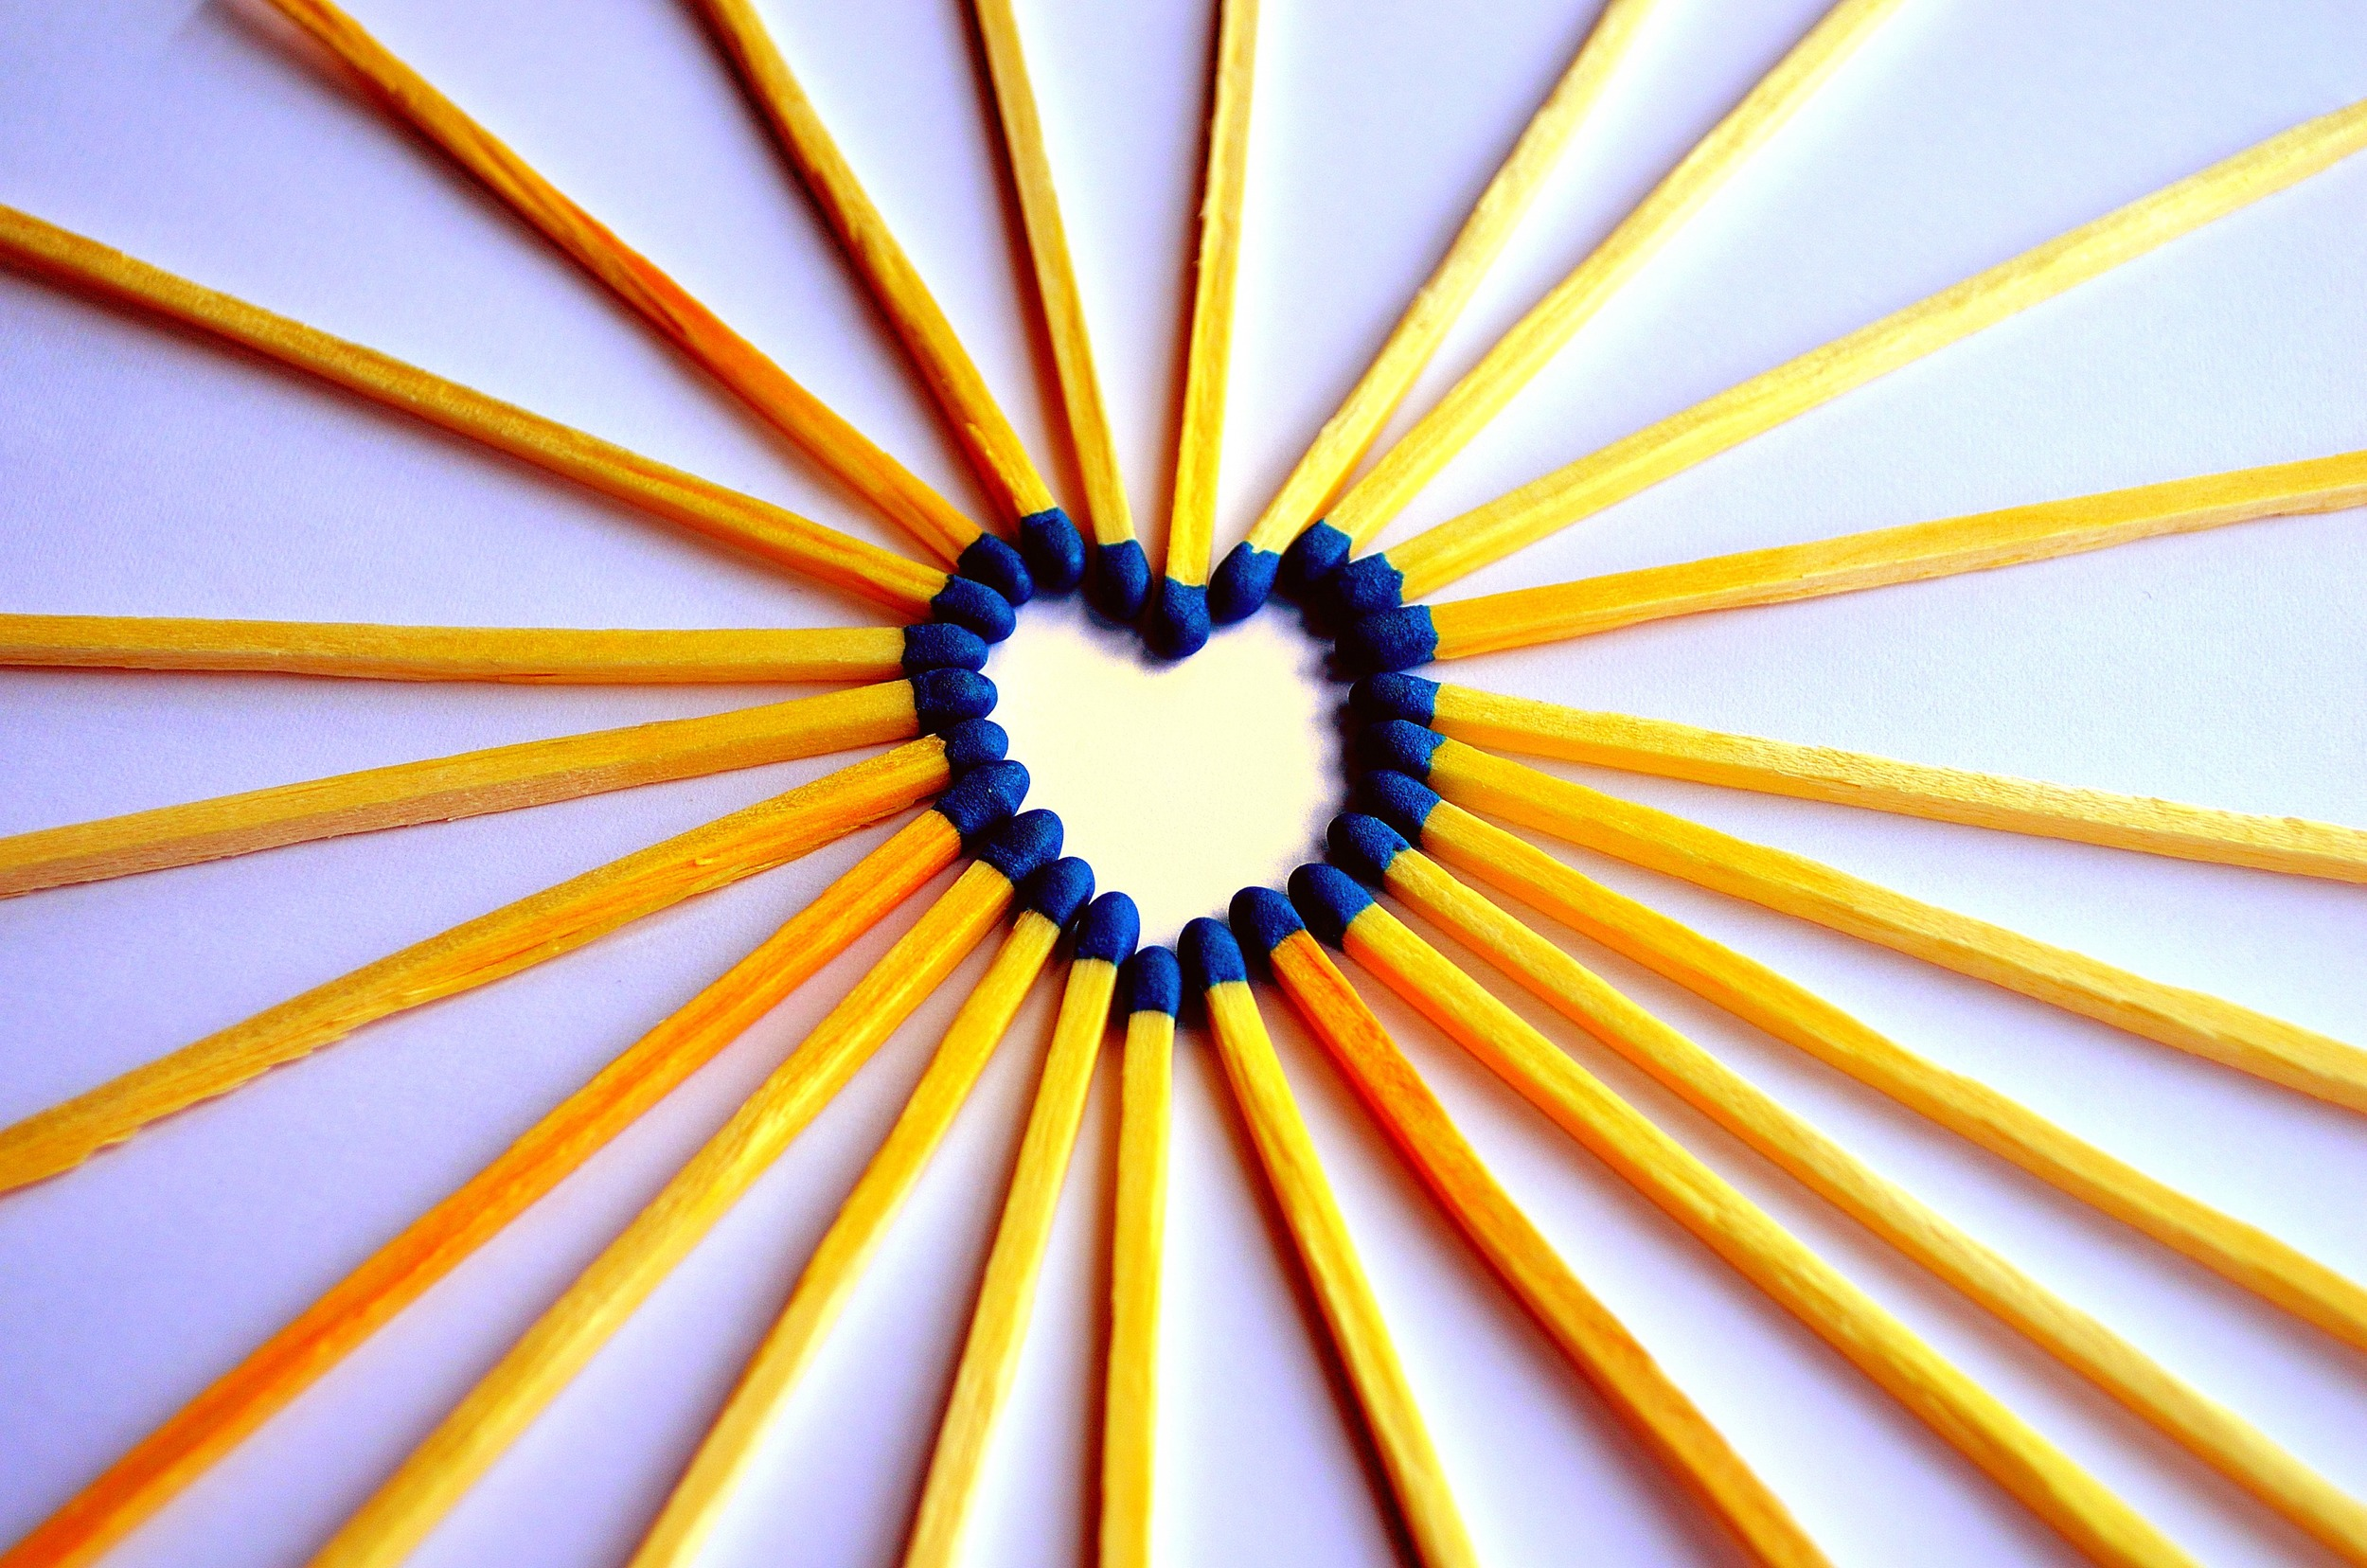 heart_of_matches_202474.jpg